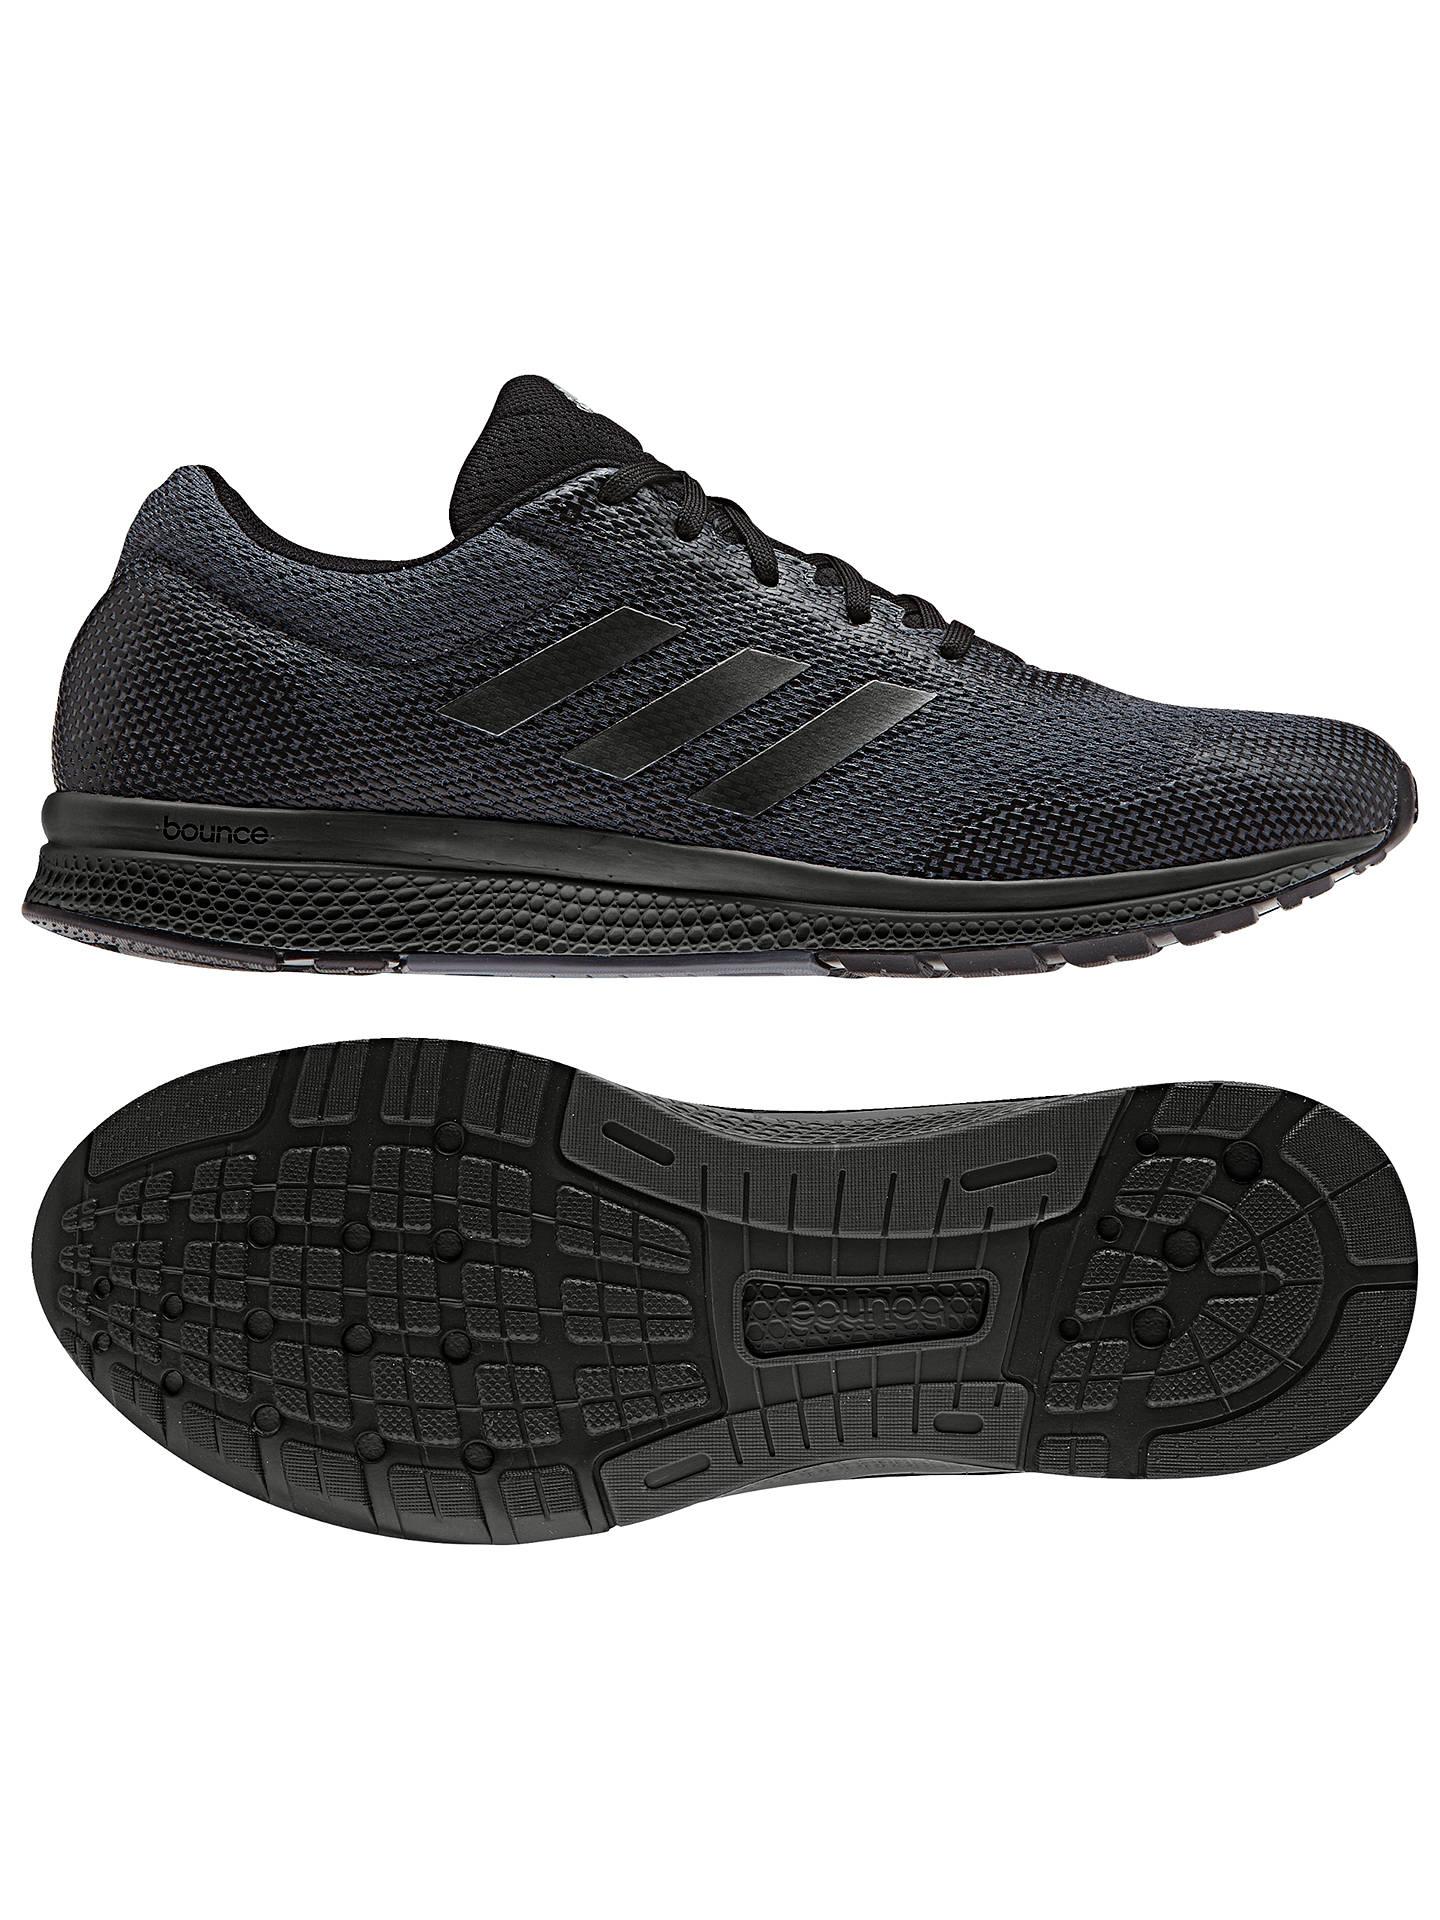 7c9cc56c57b ... Buyadidas Mana Bounce 2.0 Men s Running Shoes